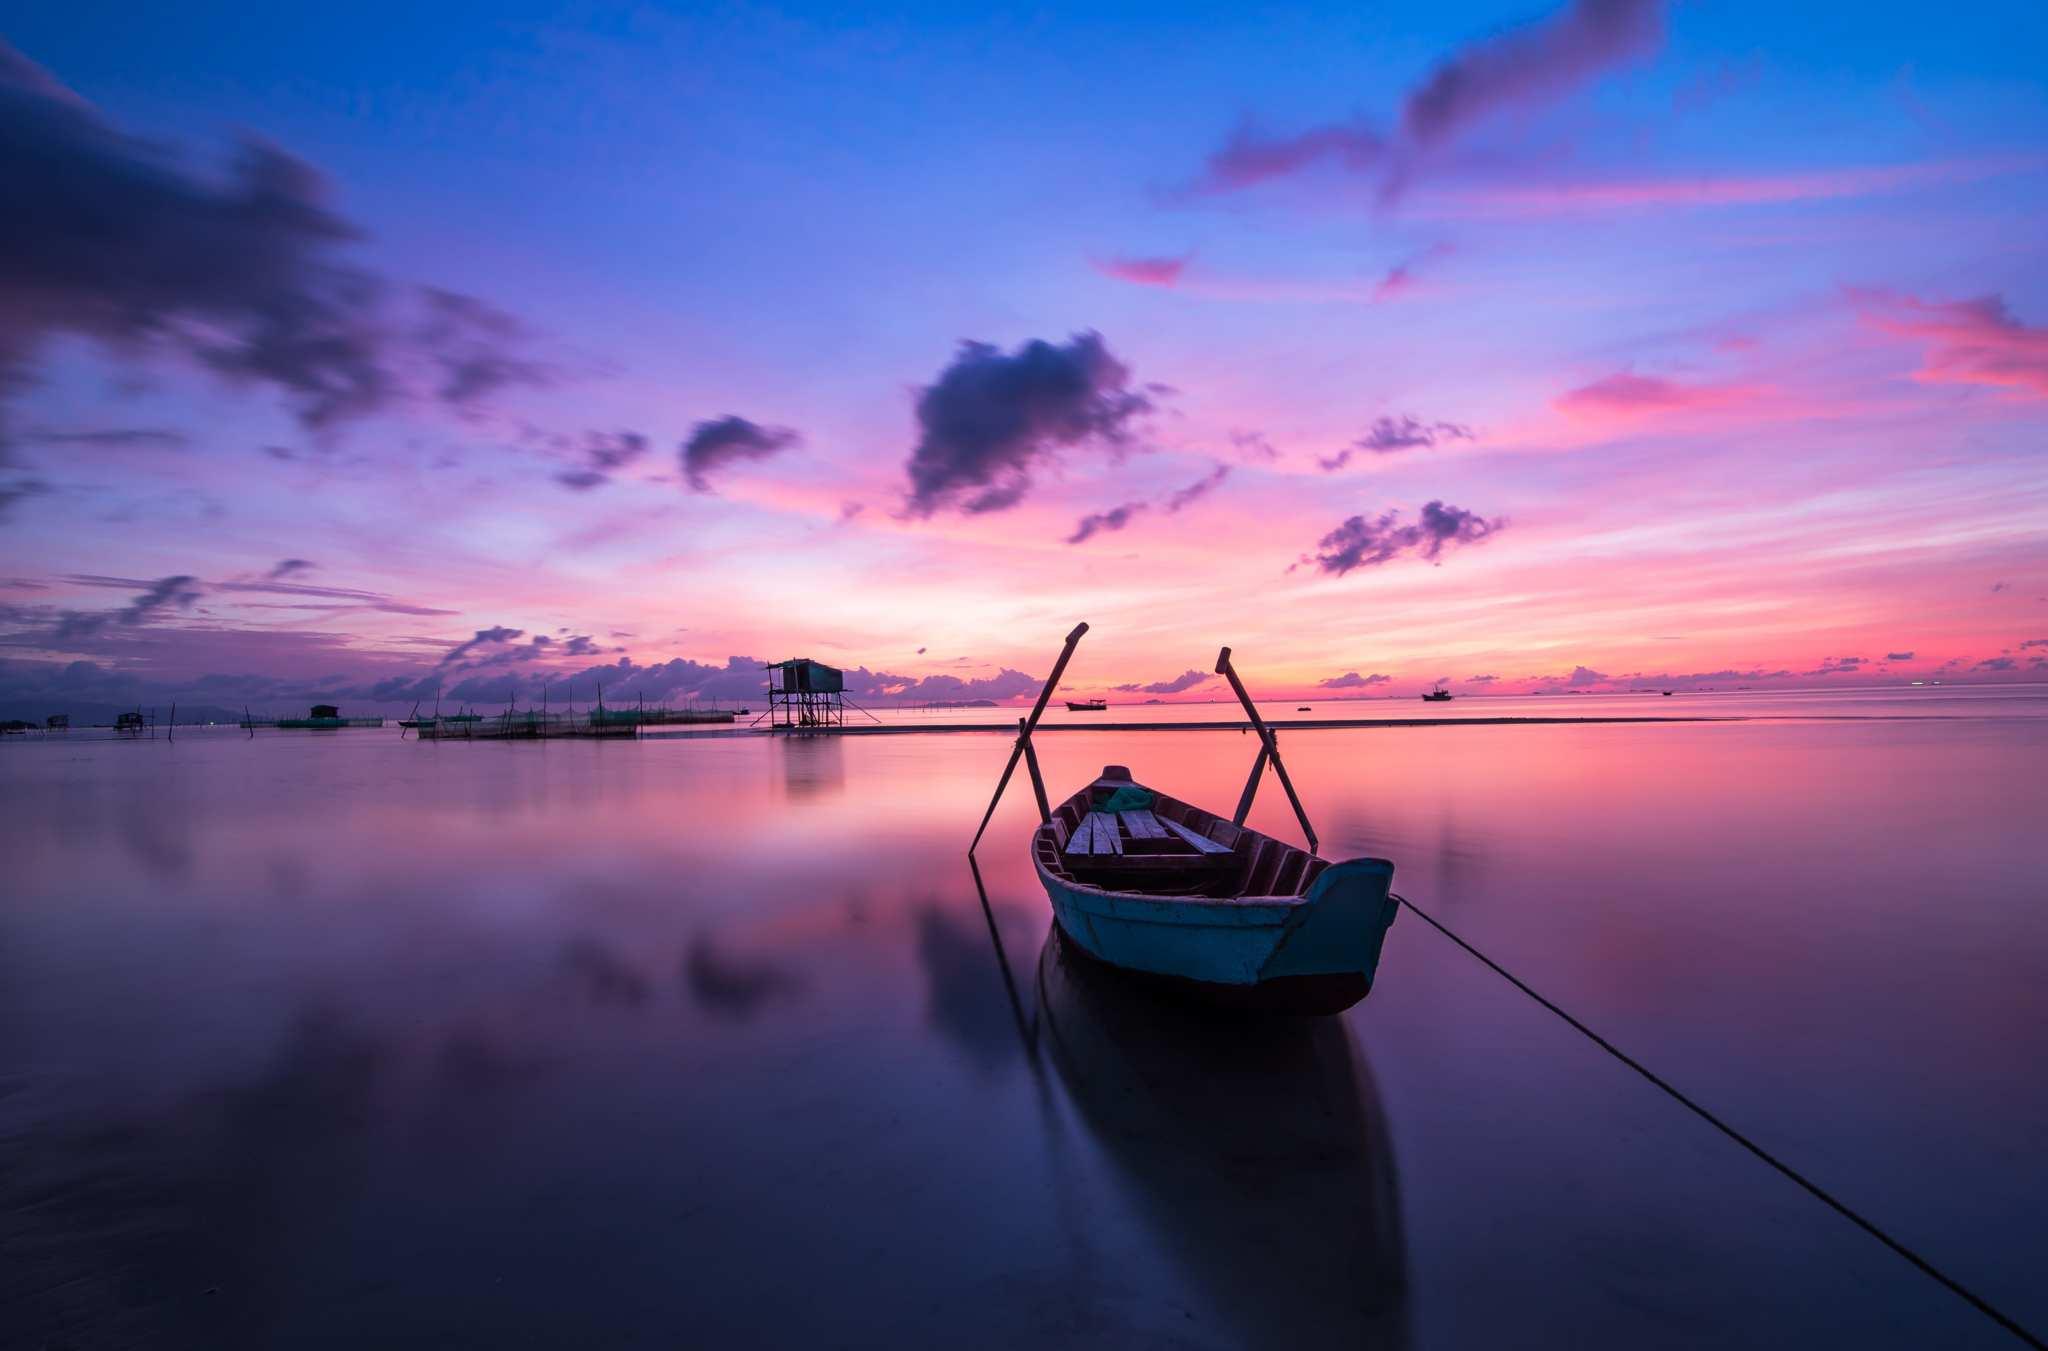 beach-boat-colorful-min